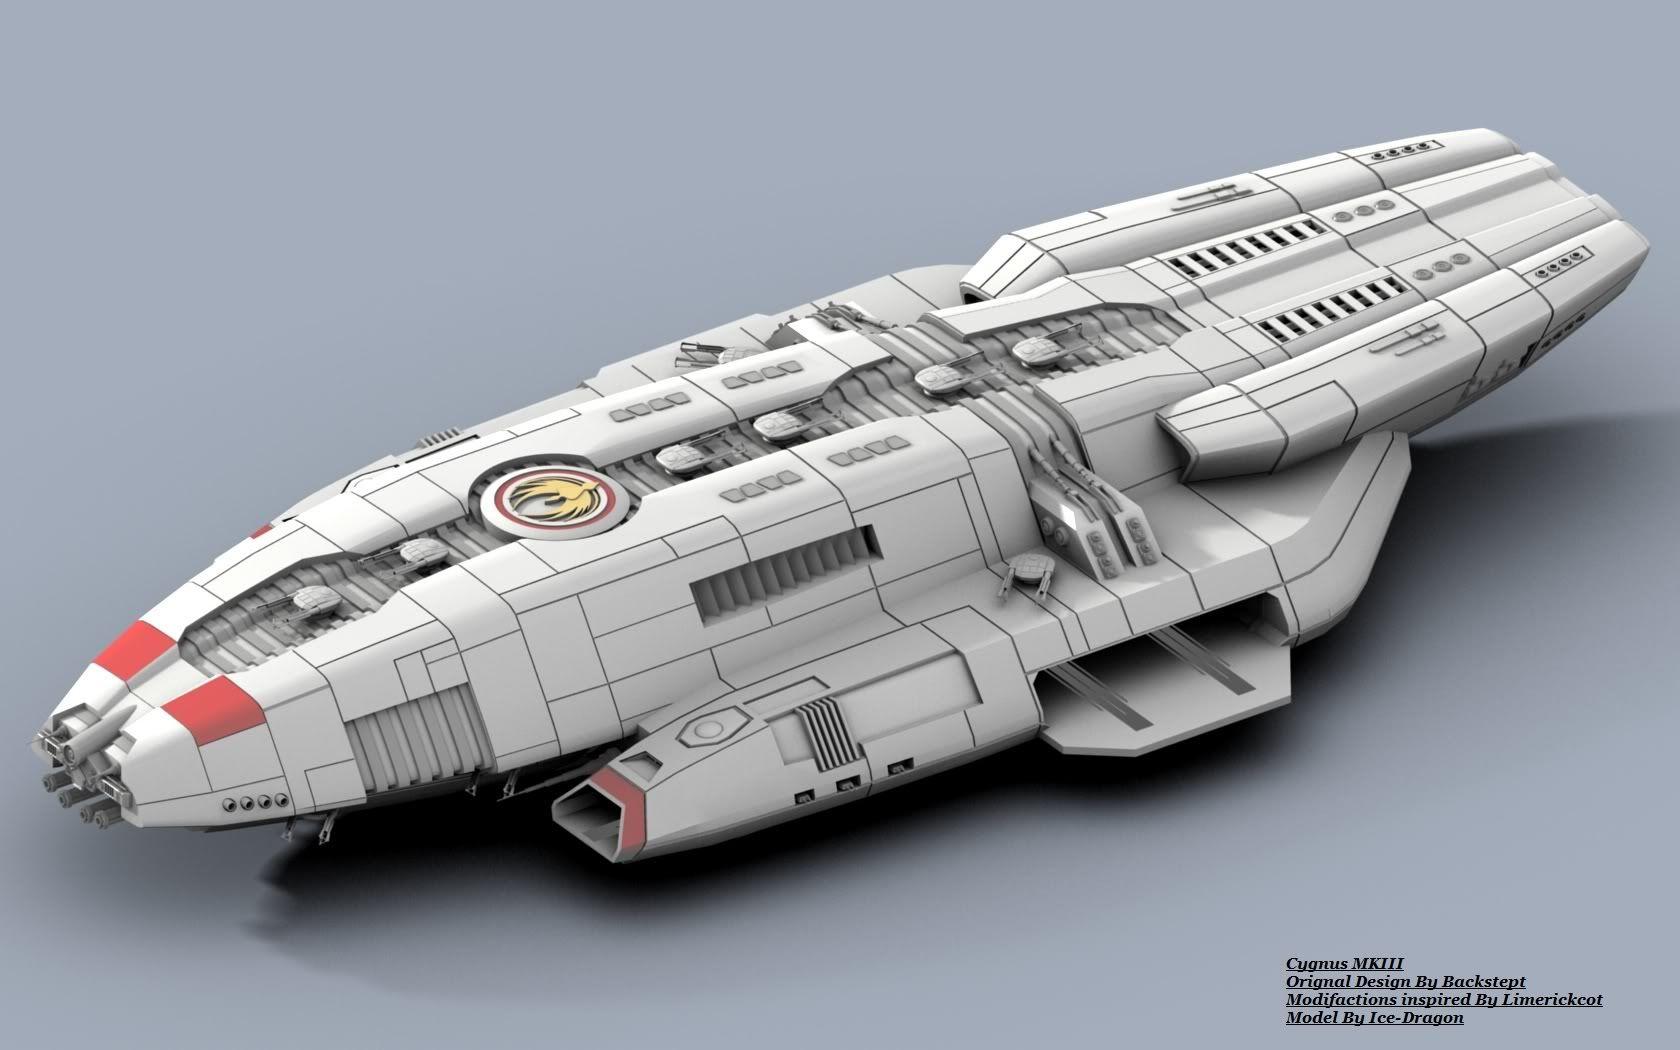 Design Blueprints Online Rob Hill Uploaded This Image To Blender Ships Bsg Cygnus